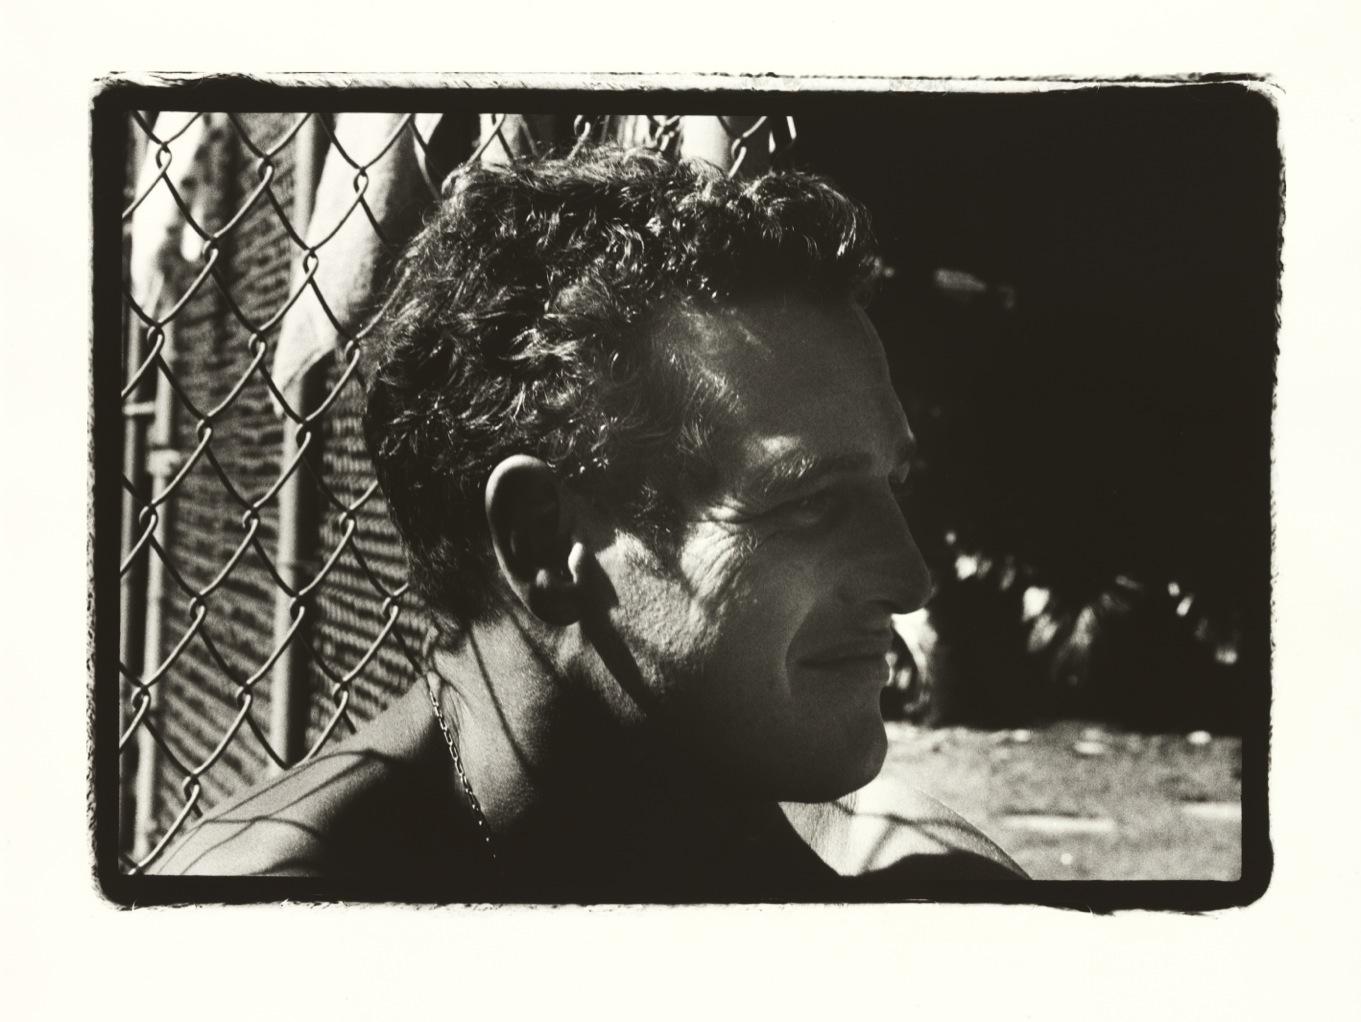 Paul Newman_DH_1032_72dpi.jpg